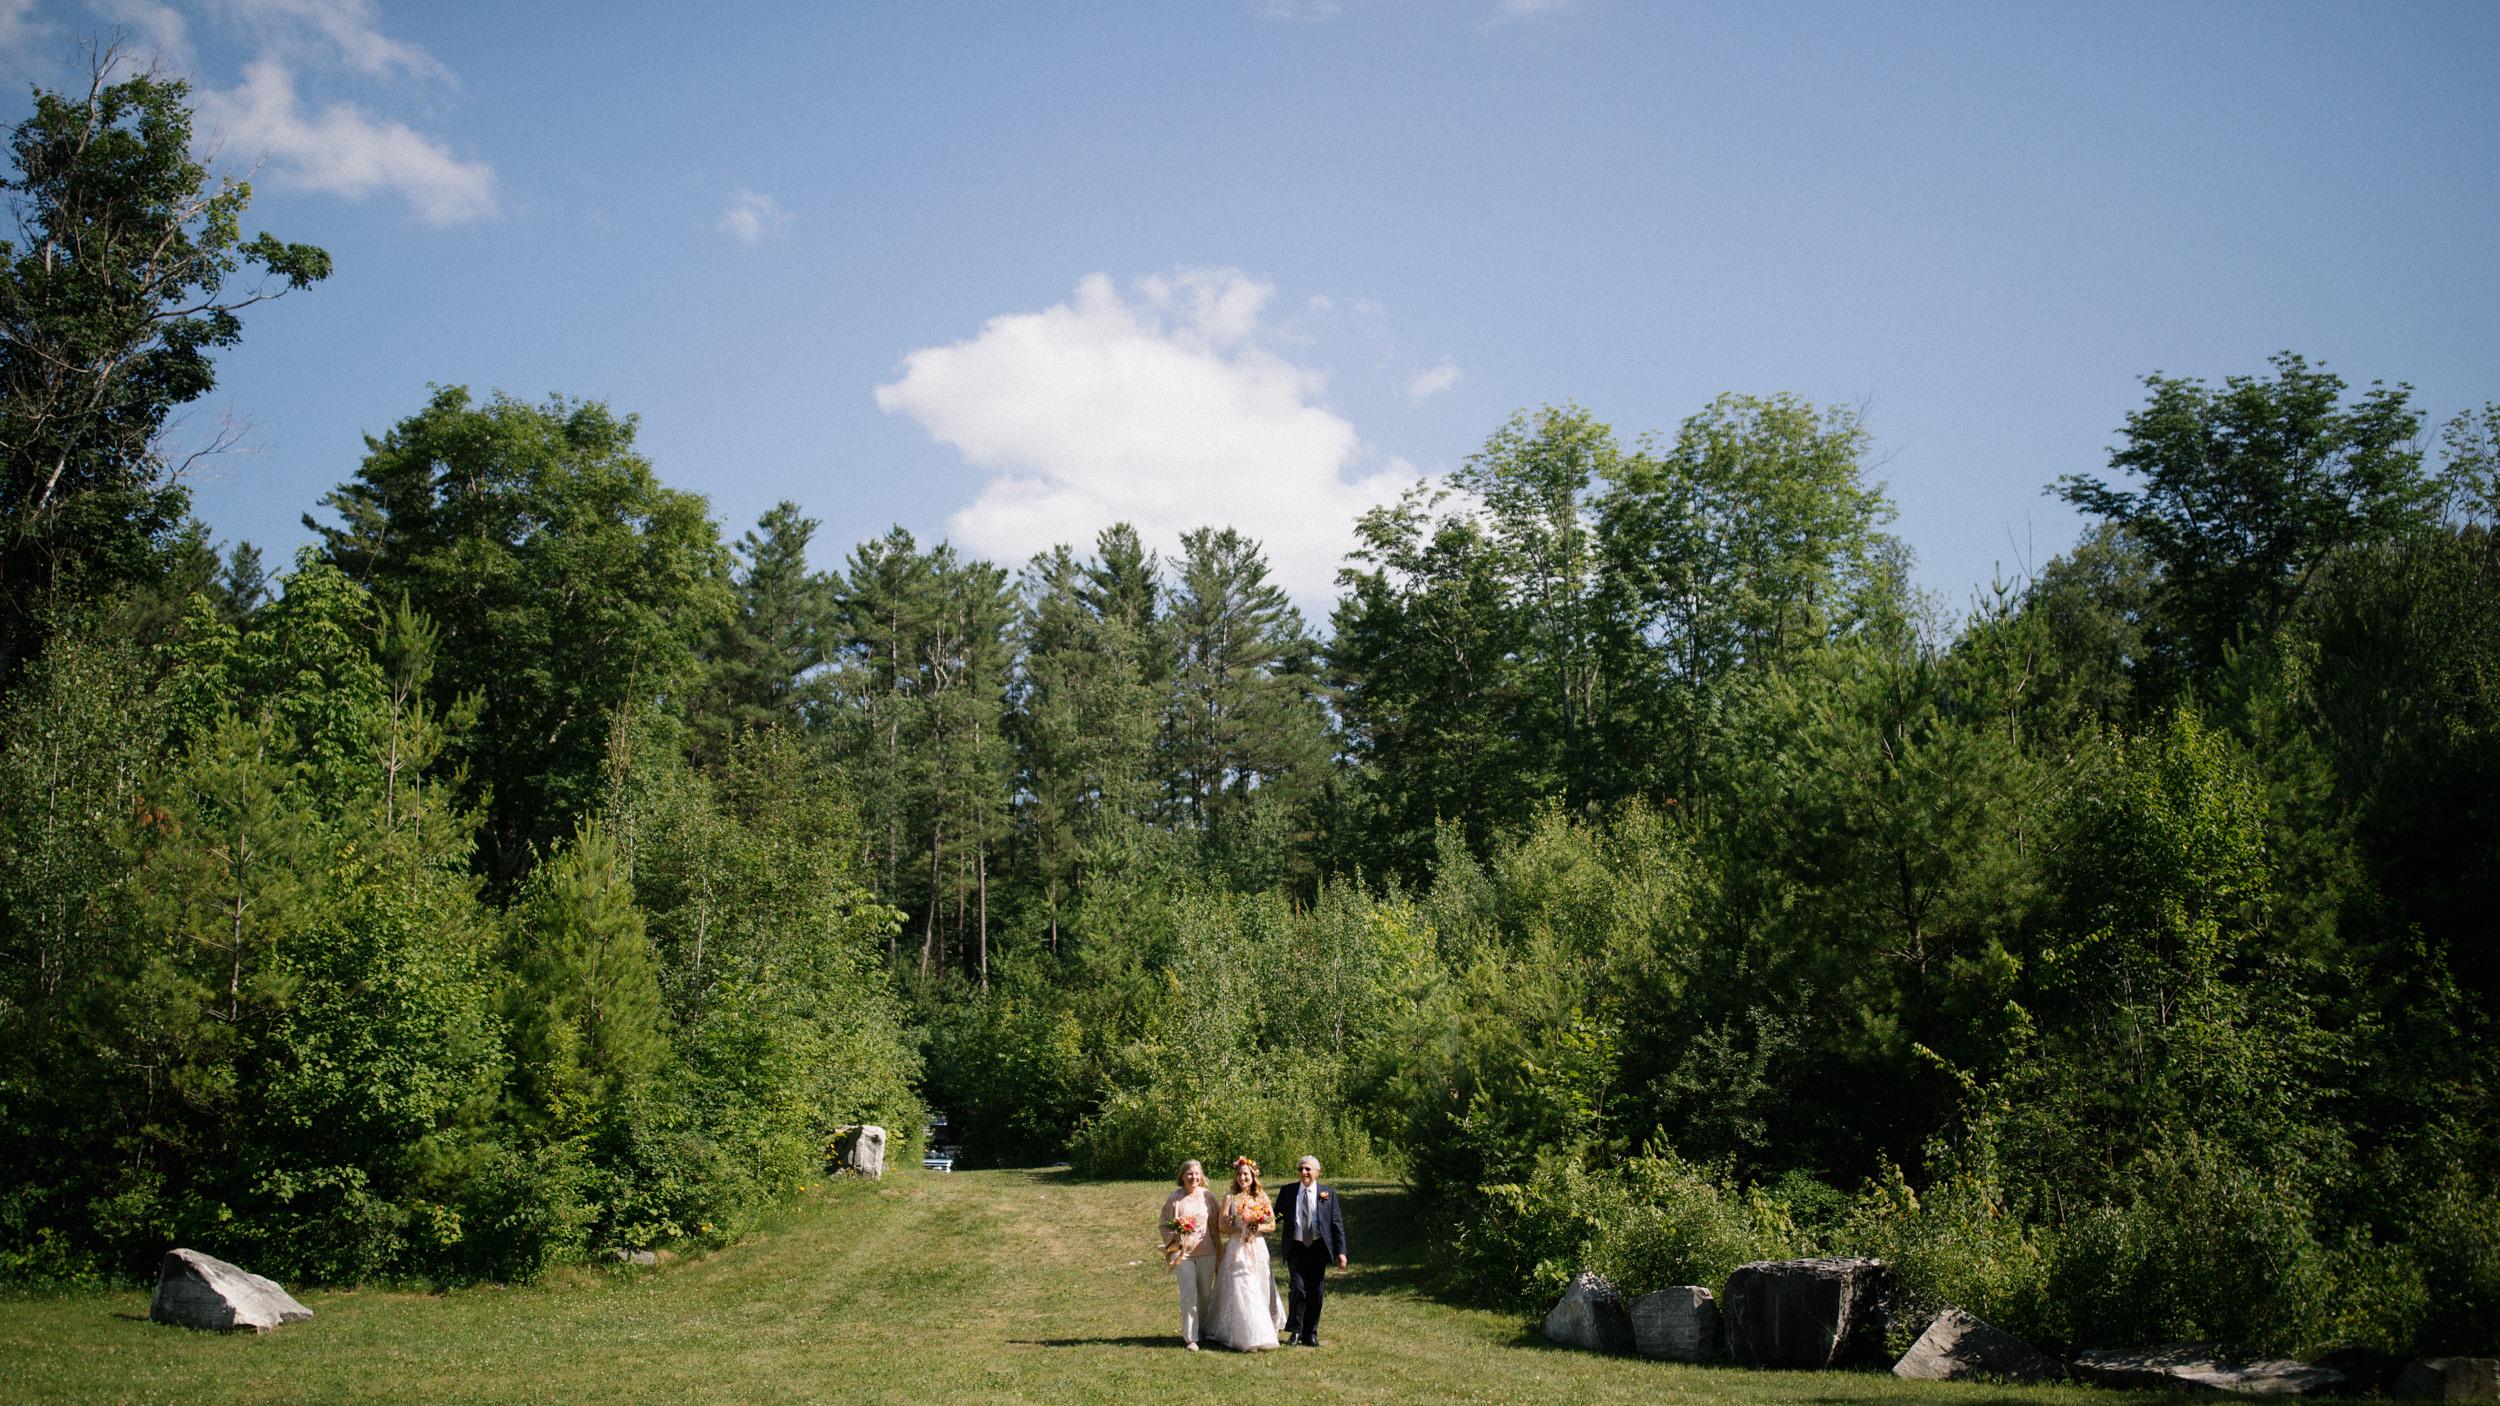 alec_vanderboom_vermont_wedding_photography-0080.jpg